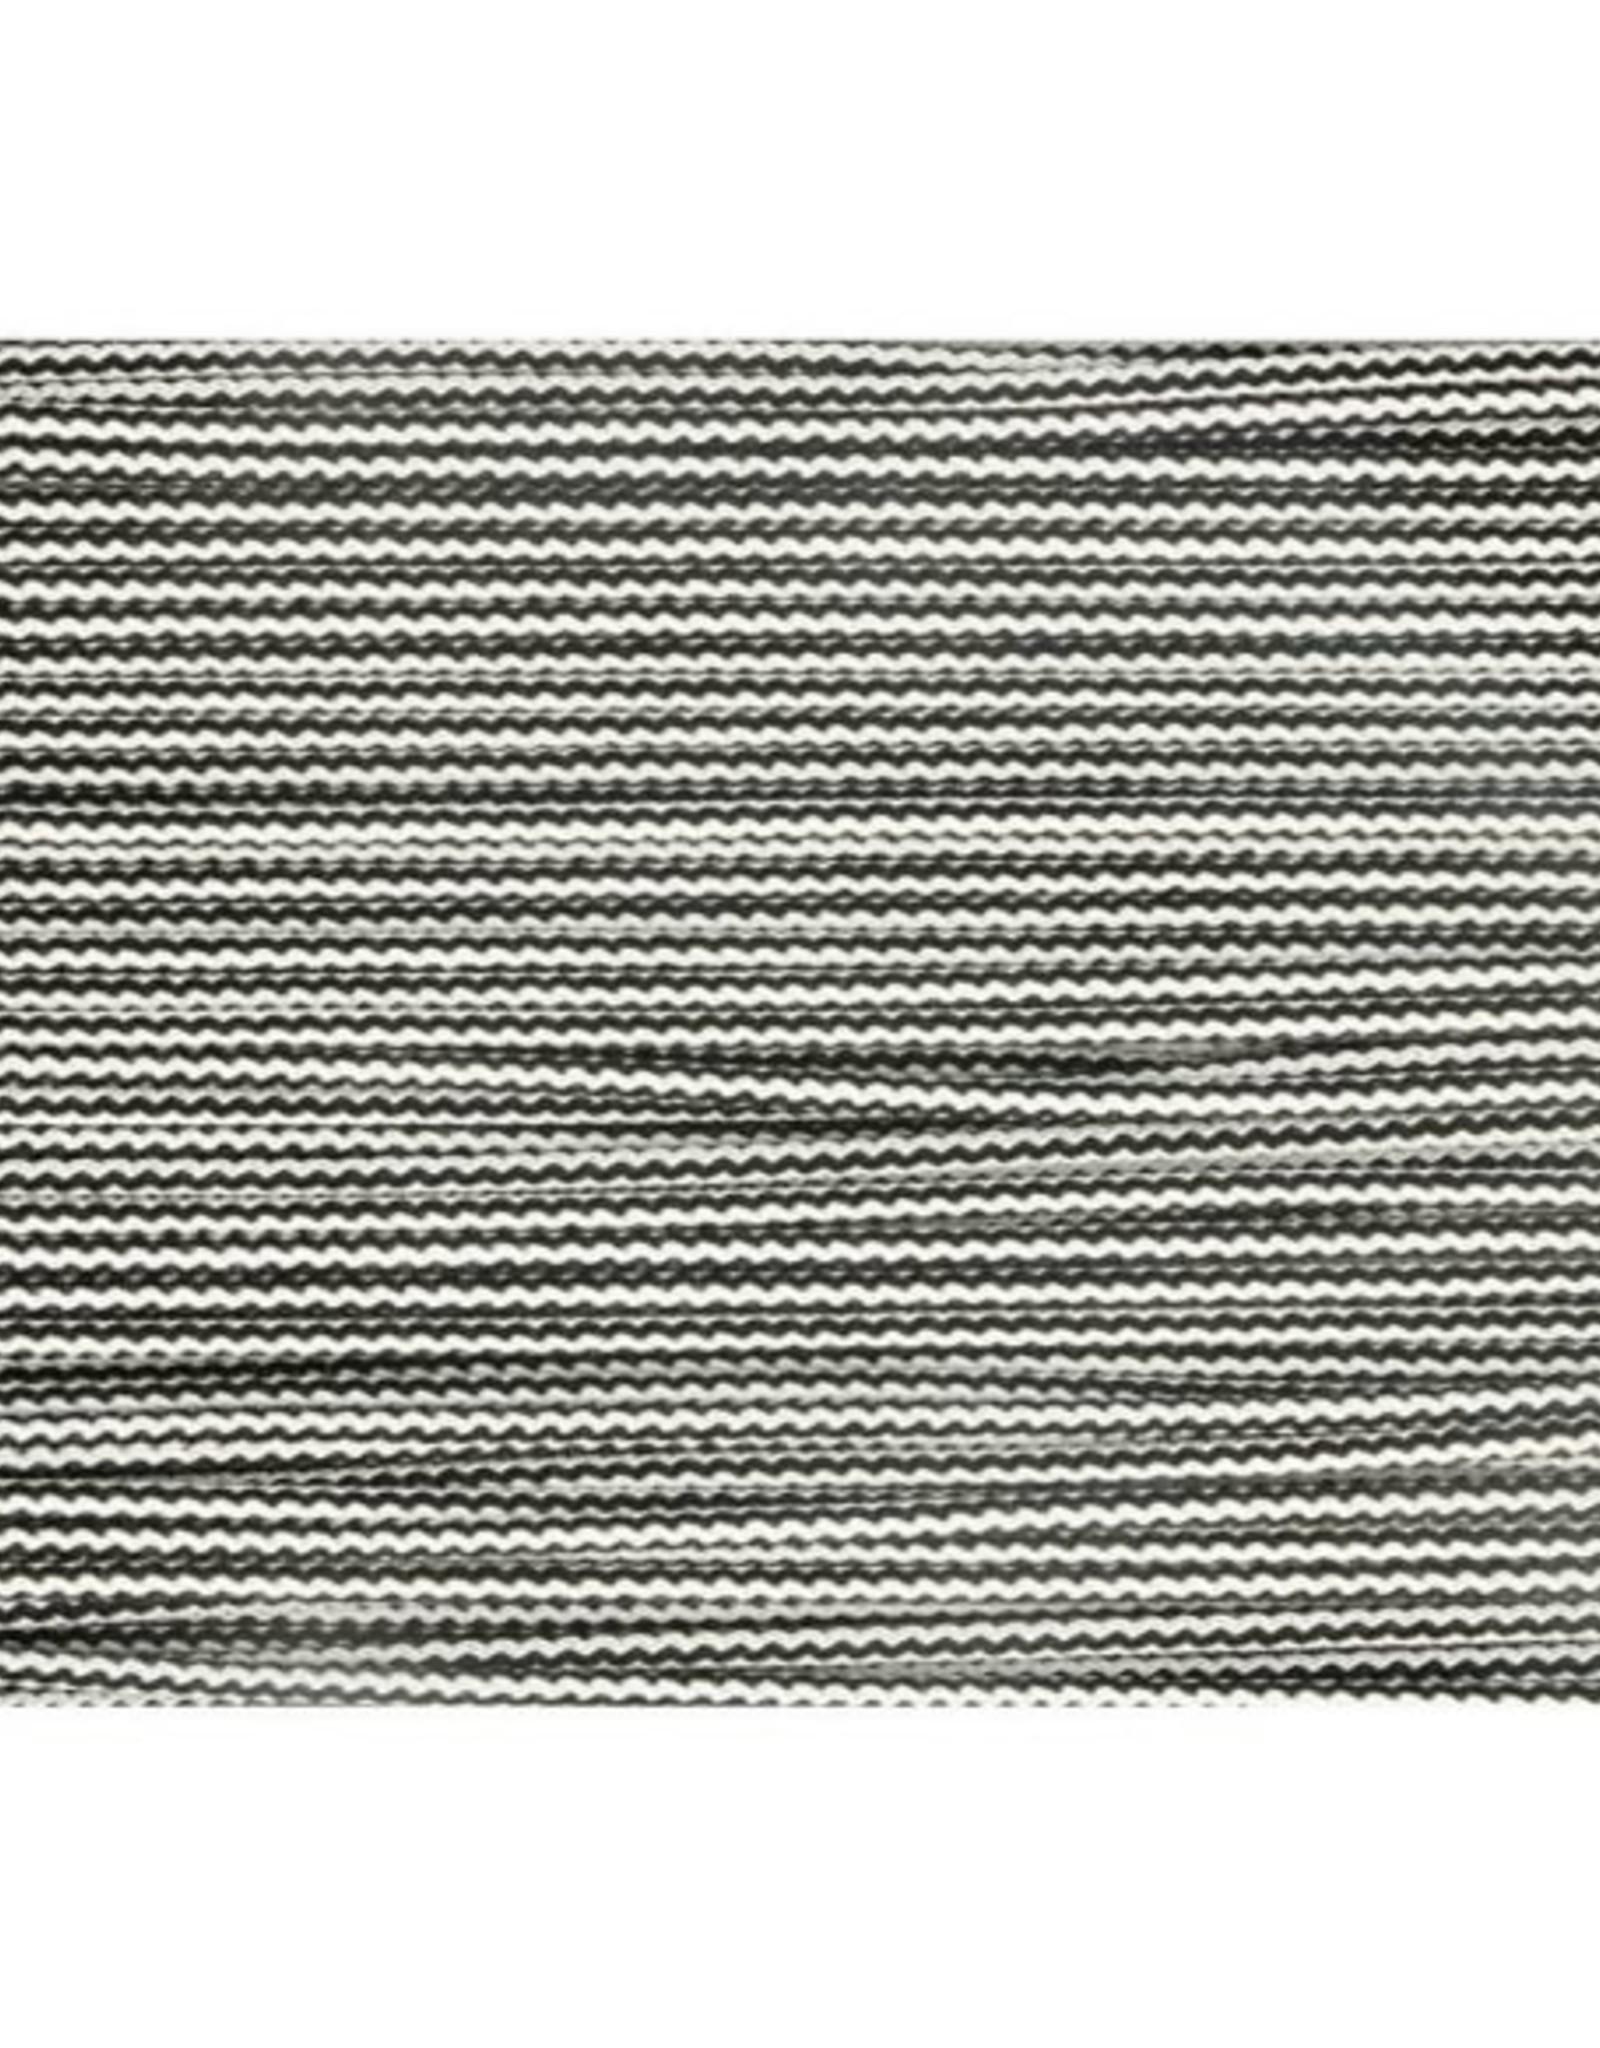 Koord 3mm zwartwit